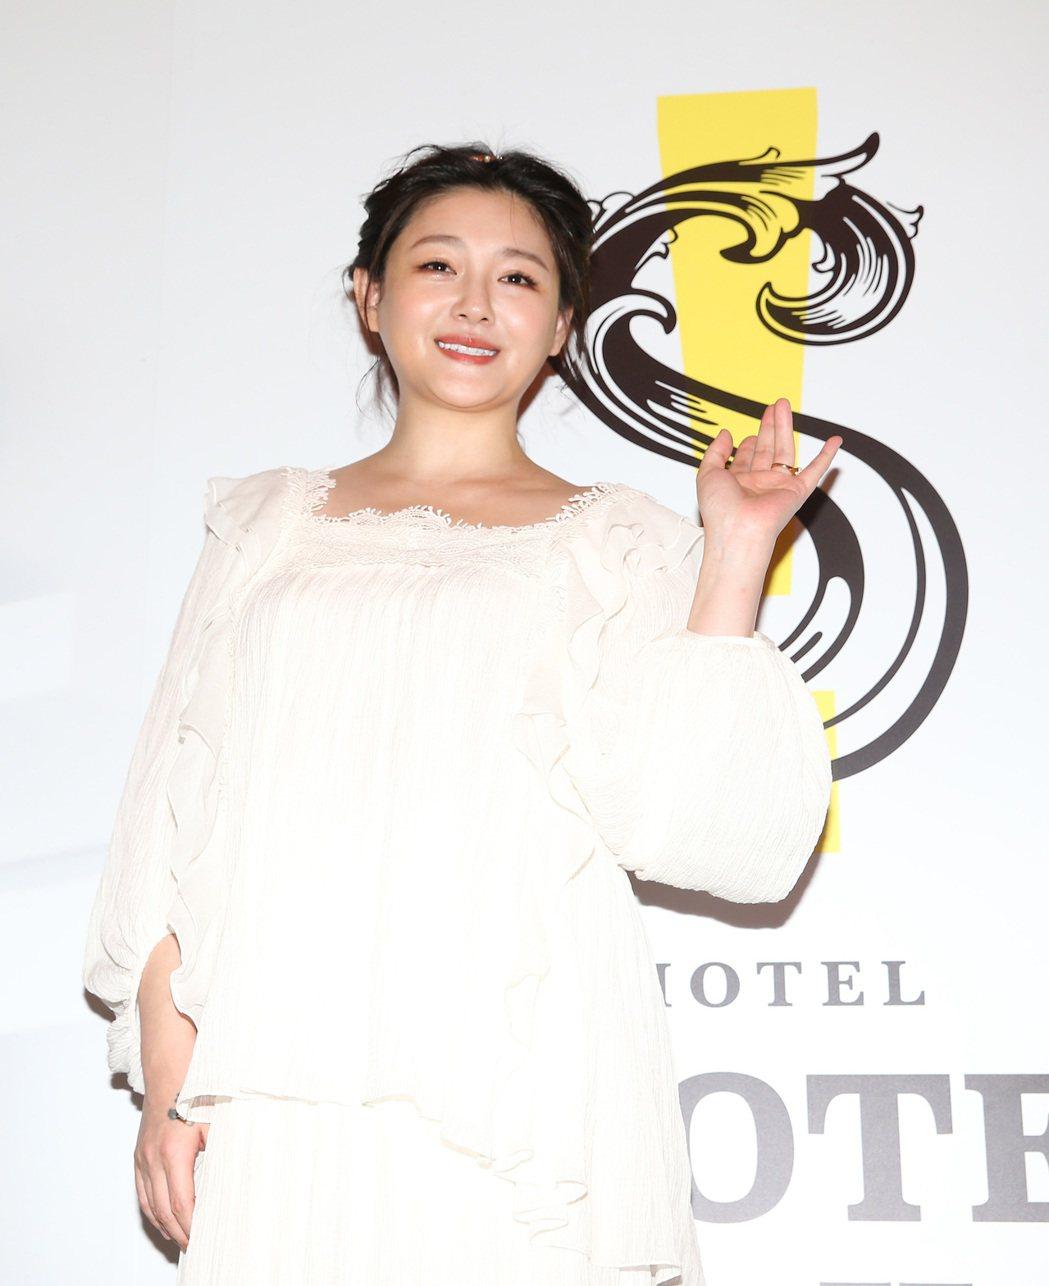 大S、汪小菲一起出席S Hotel開幕,大S白紗整個被肚皮給撐起膨脹。記者陳柏亨...